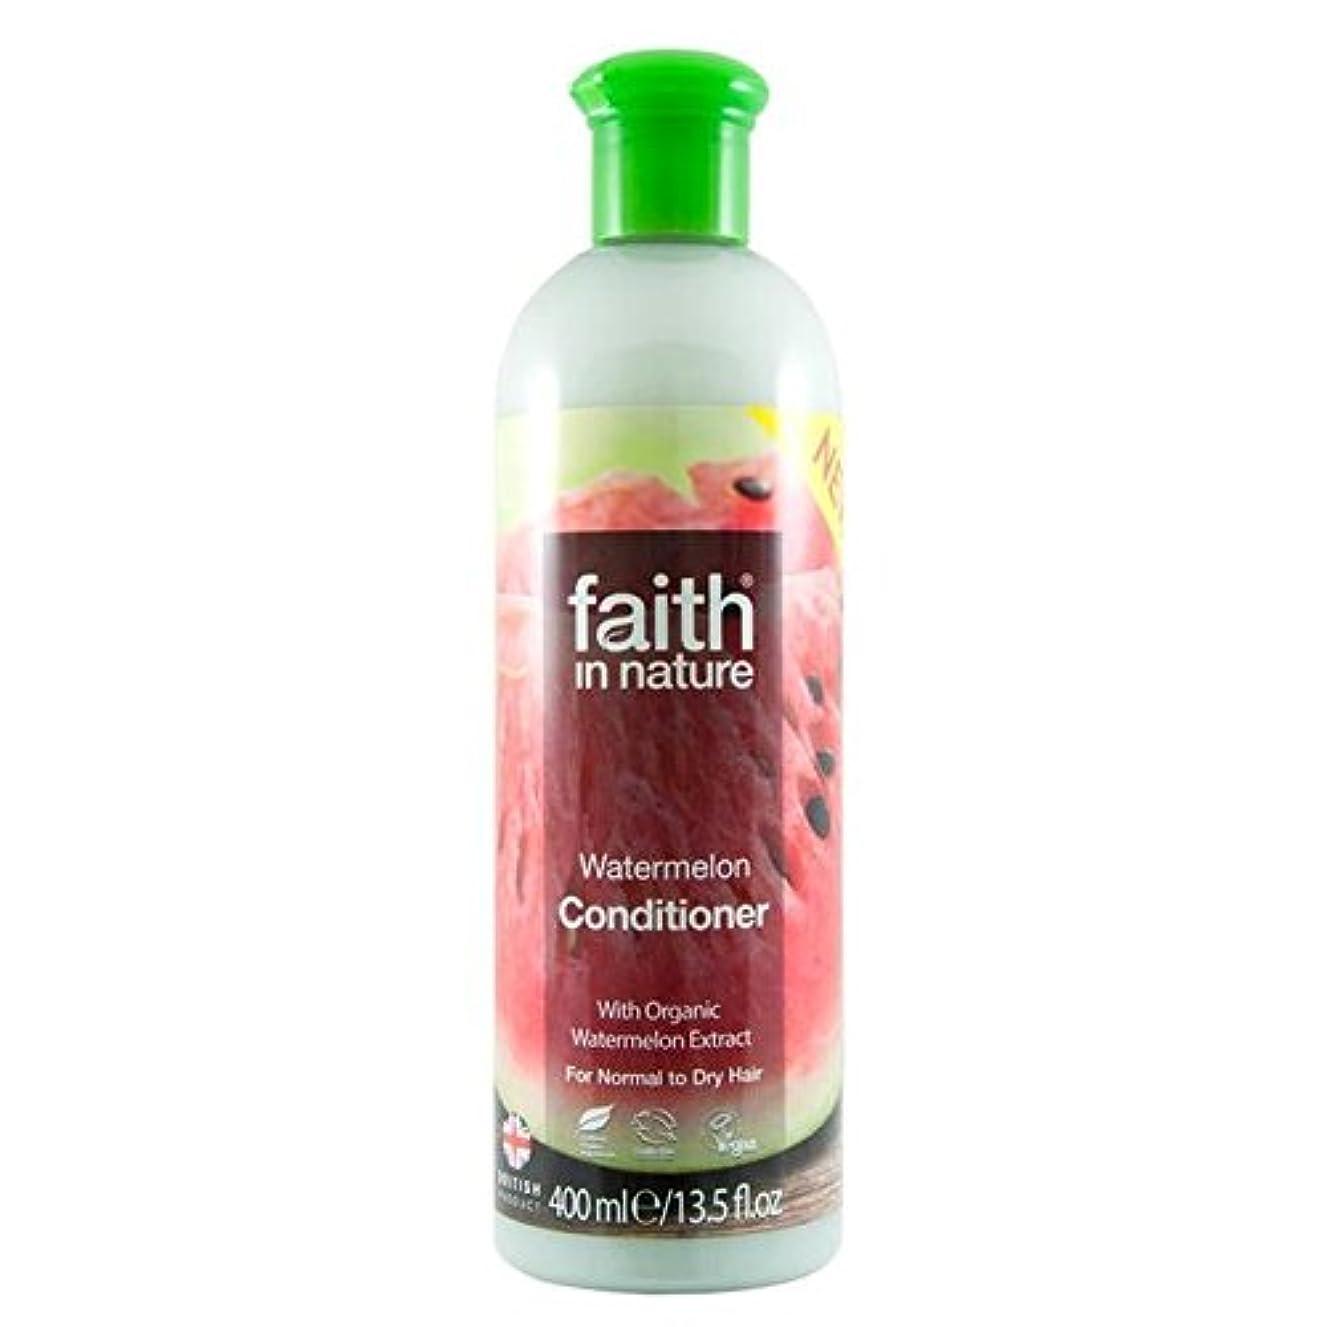 第四ベーリング海峡アンティークFaith in Nature Watermelon Conditioner 400ml (Pack of 4) - (Faith In Nature) 自然スイカコンディショナー400ミリリットルの信仰 (x4) [並行輸入品]